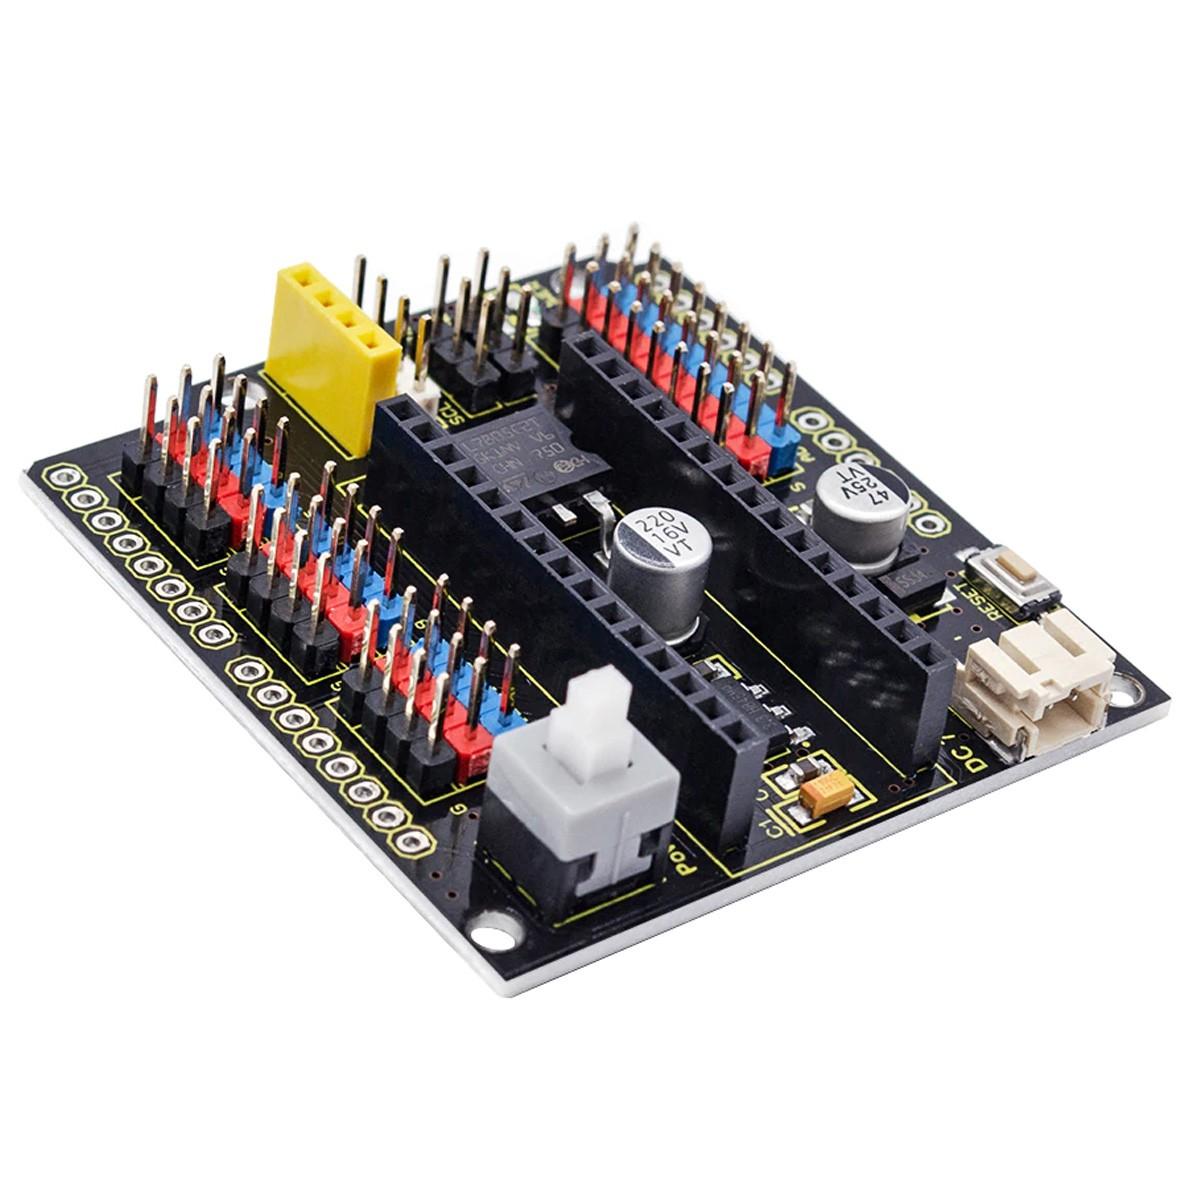 Shield placa de Alimentação para Arduino Nano com botão Liga / Desliga